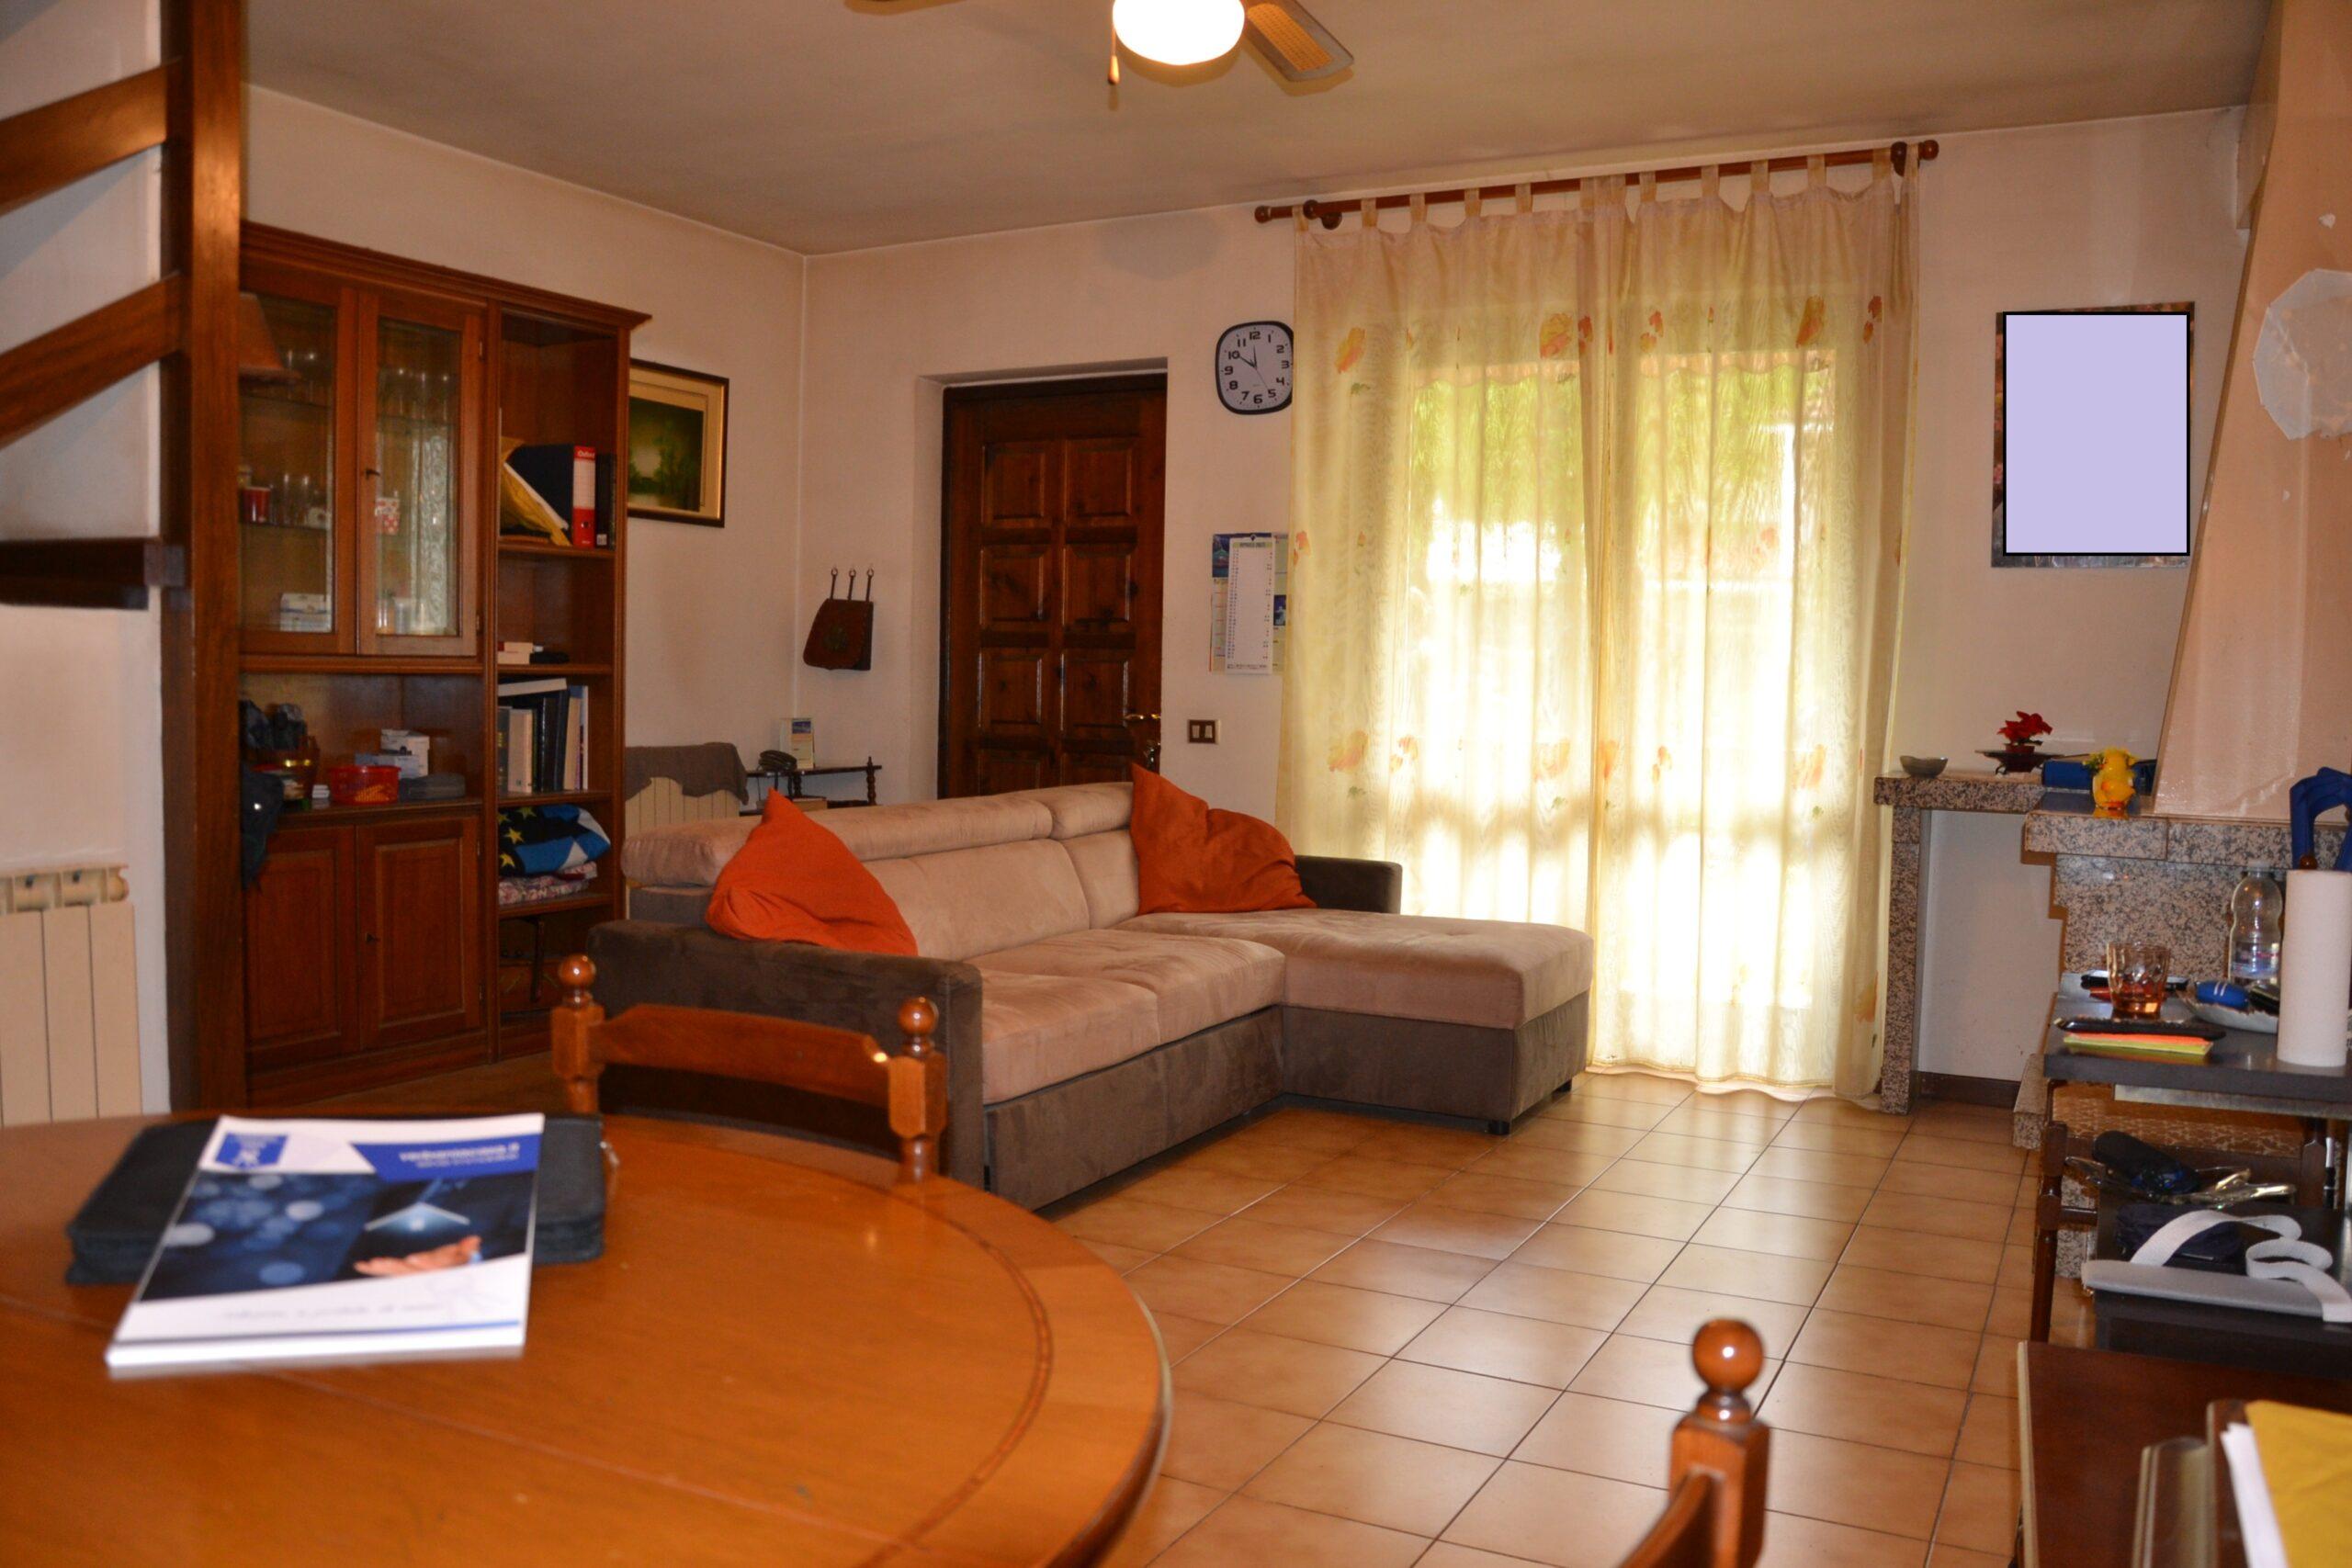 Foto Villa a schiera, Intra